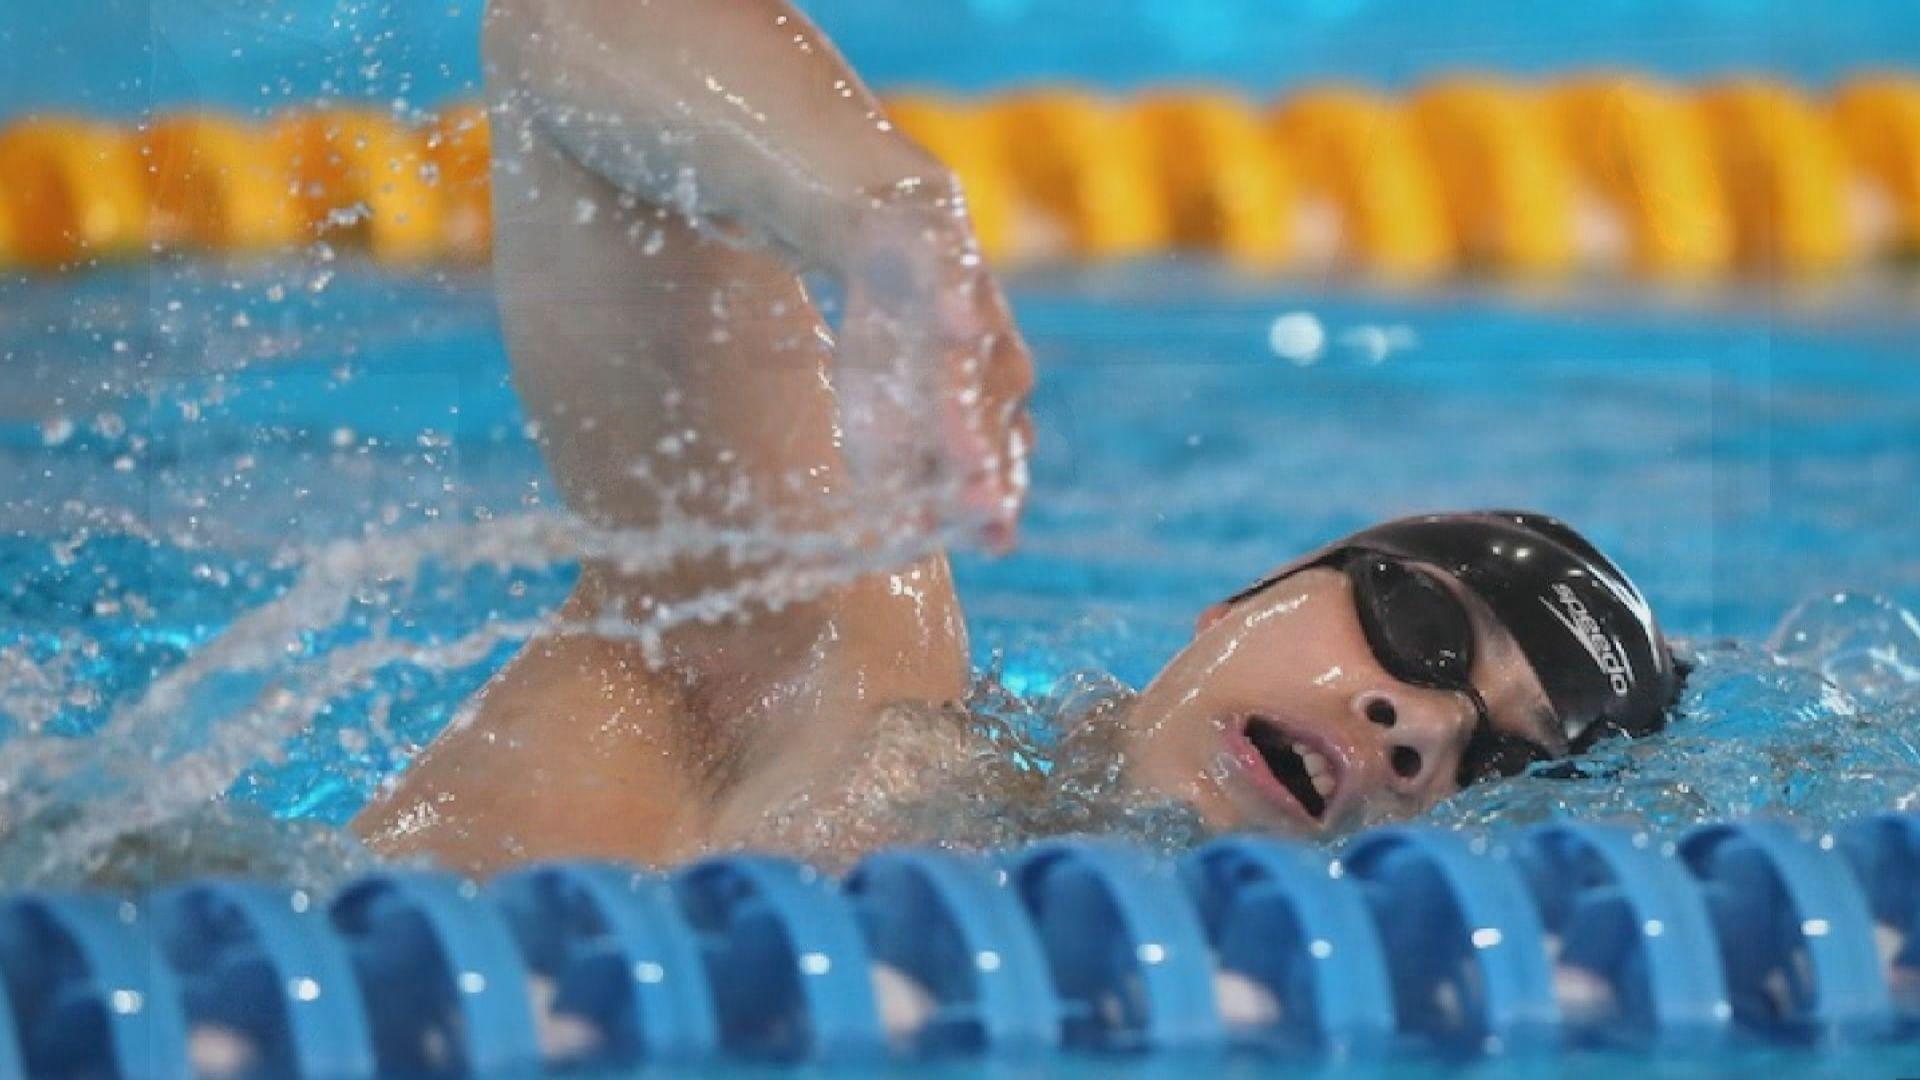 東京殘奧 鄧韋樂及陳睿琳S14級200米自由泳初賽未能晉級